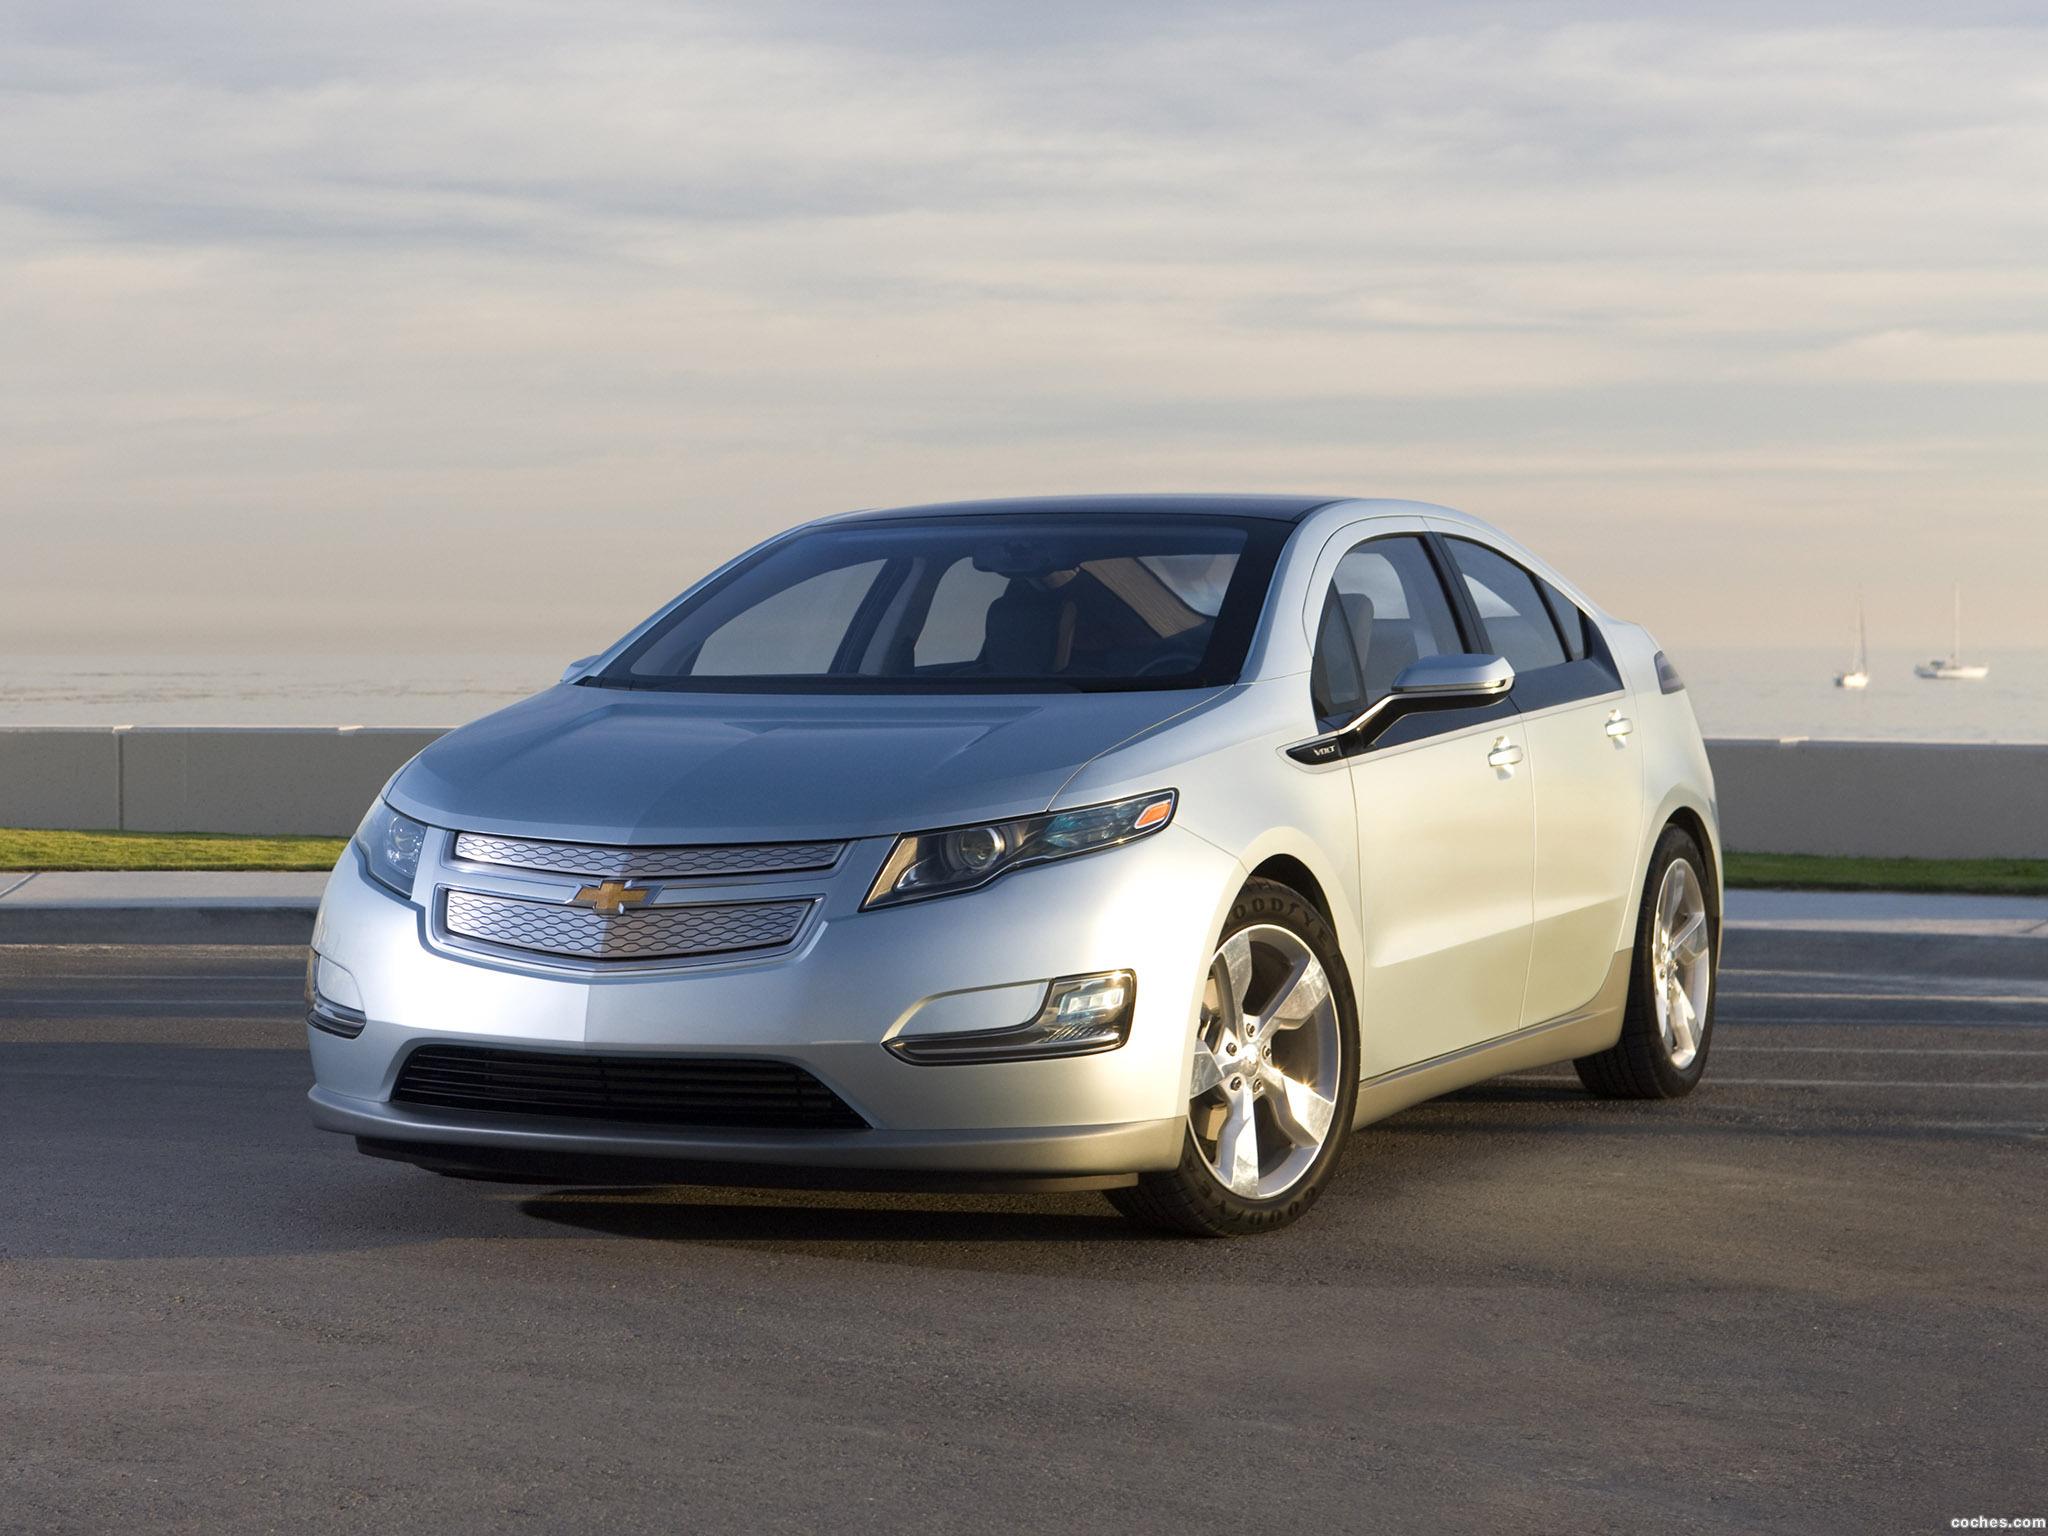 Foto 0 de Chevrolet Volt 2011